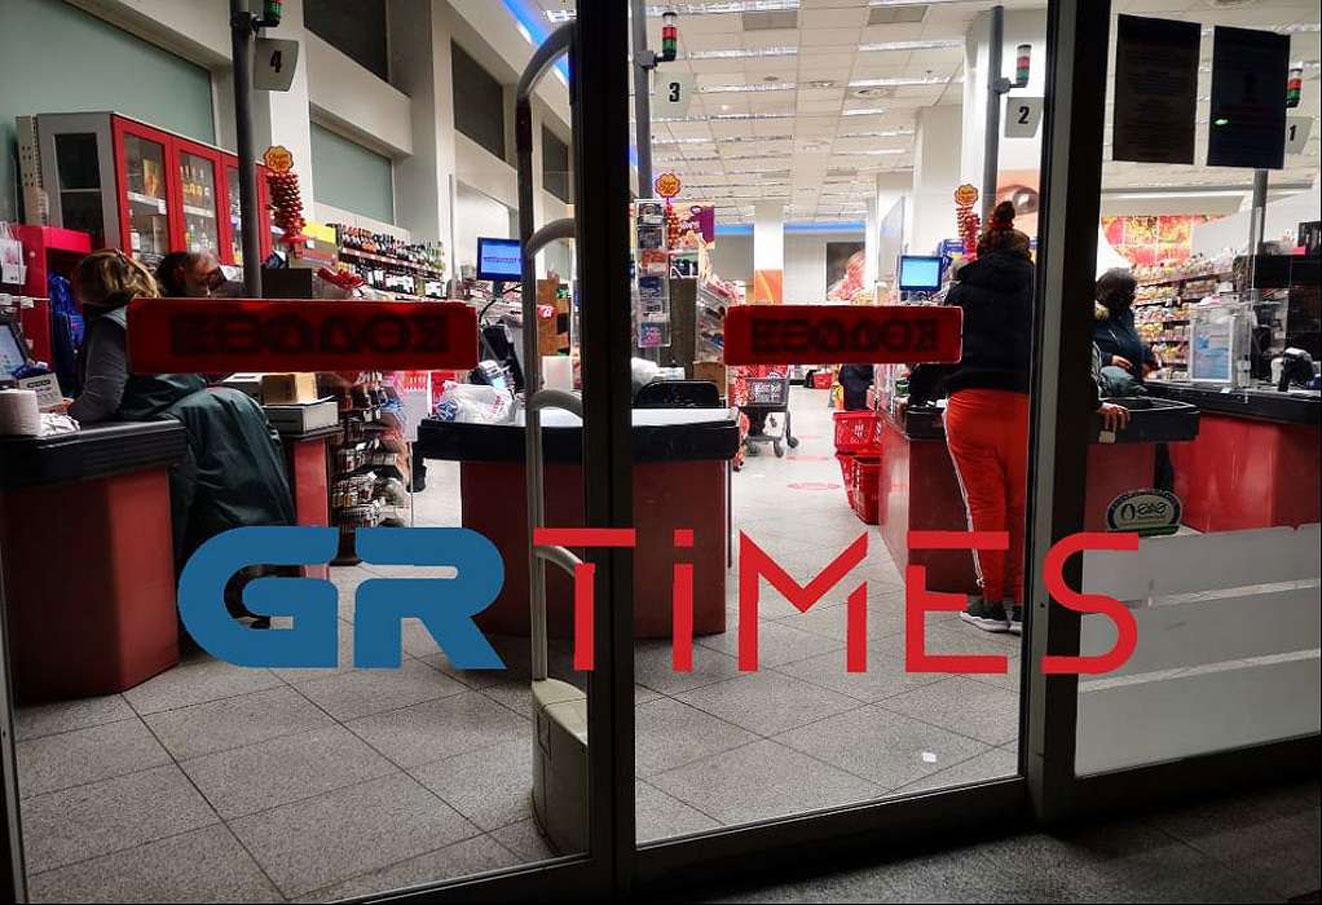 Στο έλεος κακοποιών η χώρα! Τρόμος στη Θεσσαλονίκη: Ληστές μπήκαν με καραμπίνα σε σούπερ μάρκετ